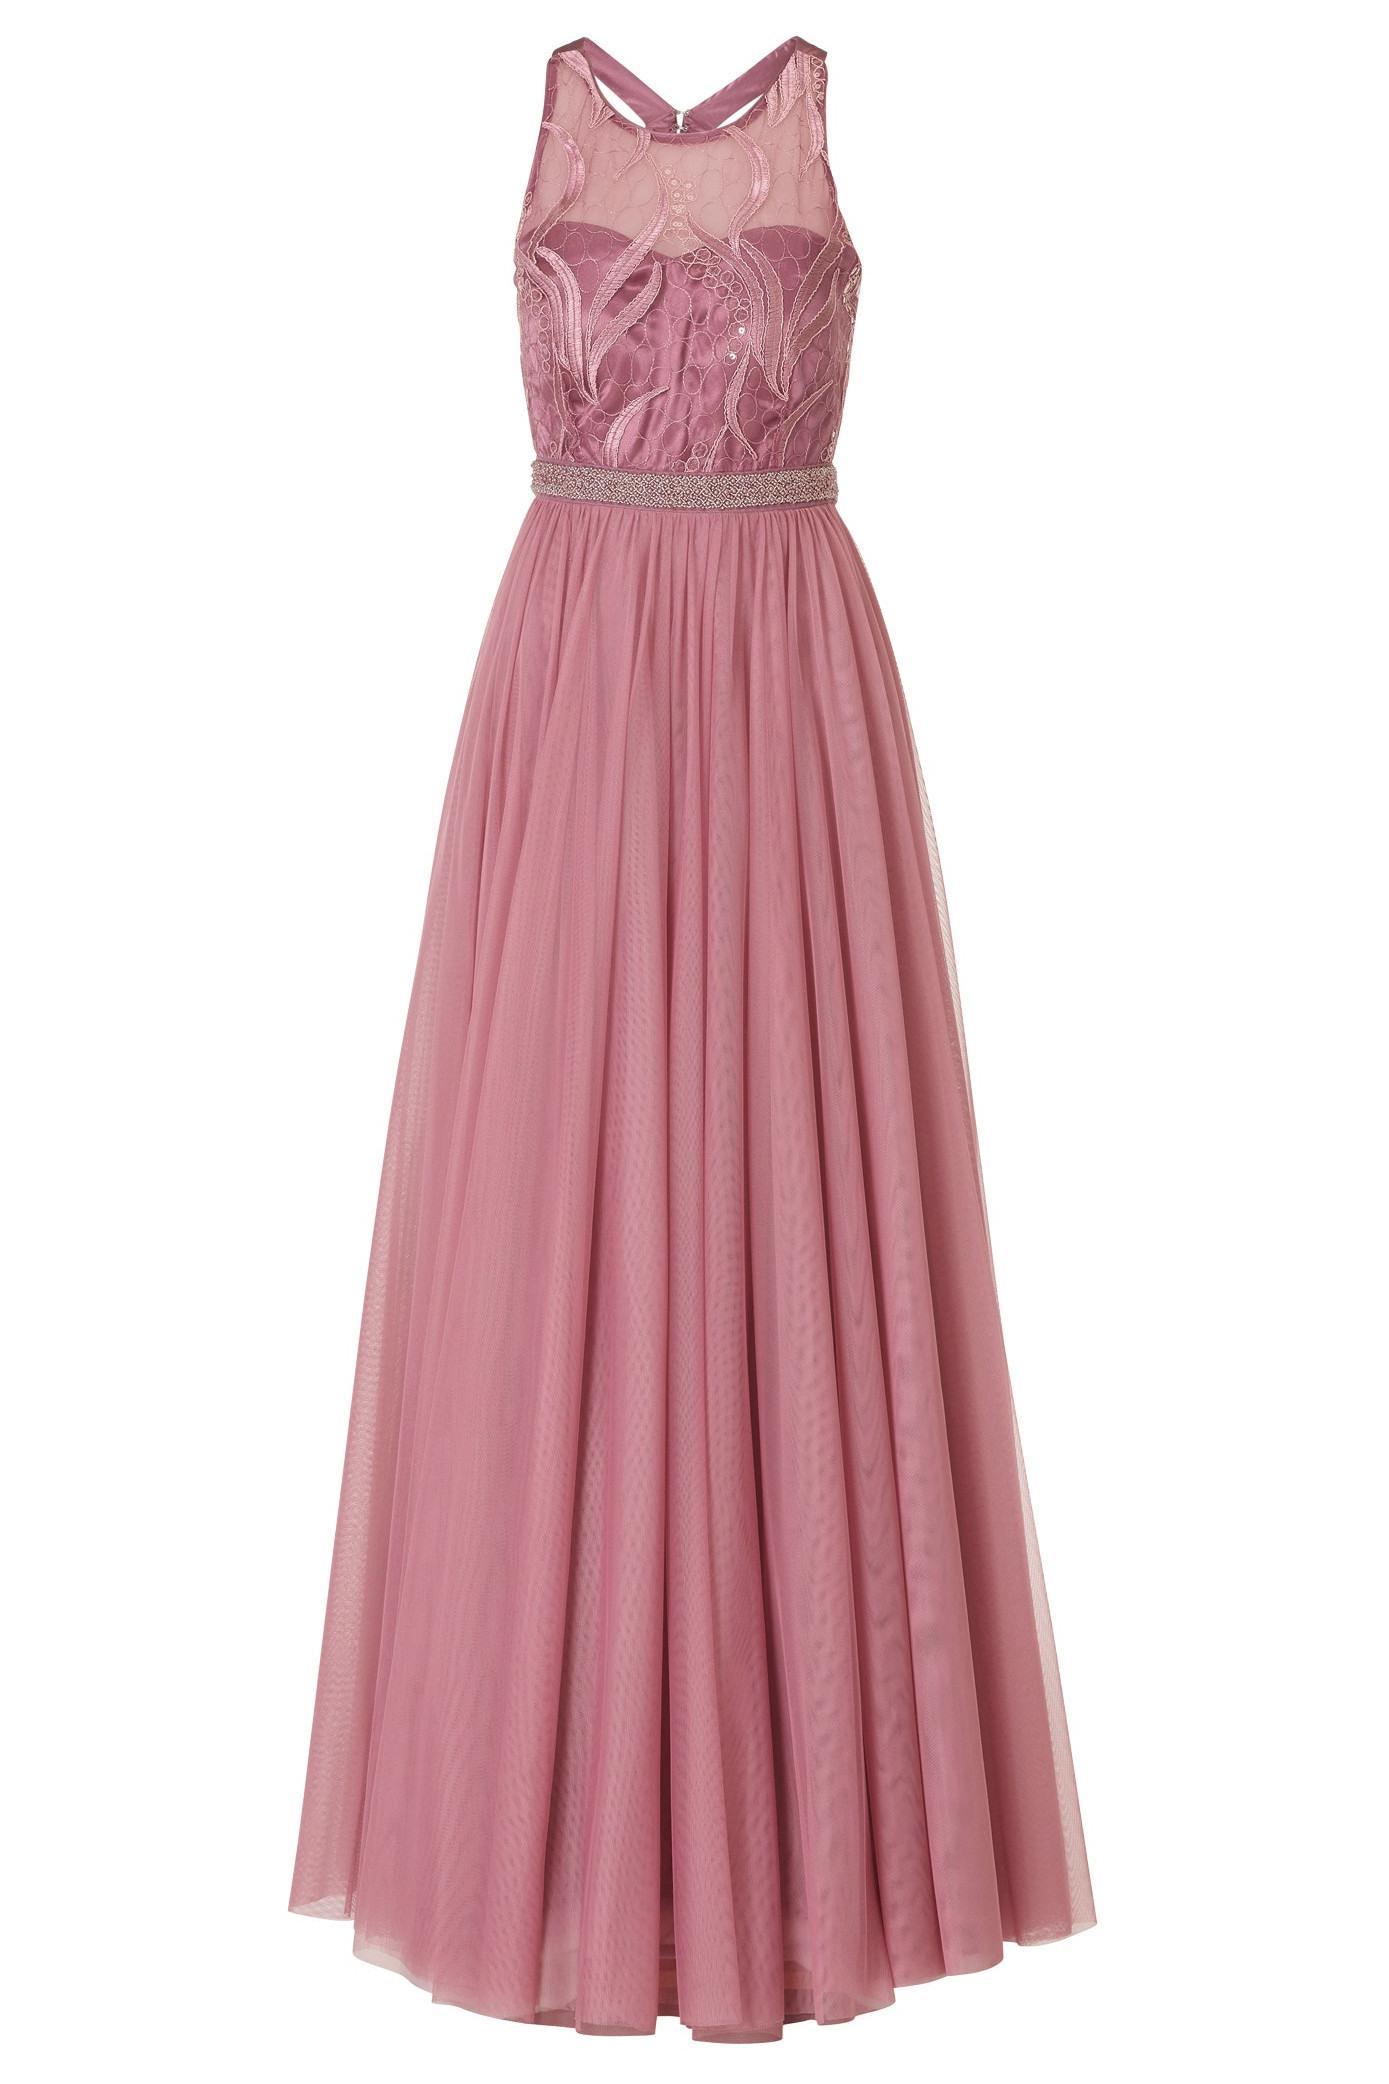 20 Ausgezeichnet Abendkleider Vera Mont Boutique20 Coolste Abendkleider Vera Mont Ärmel